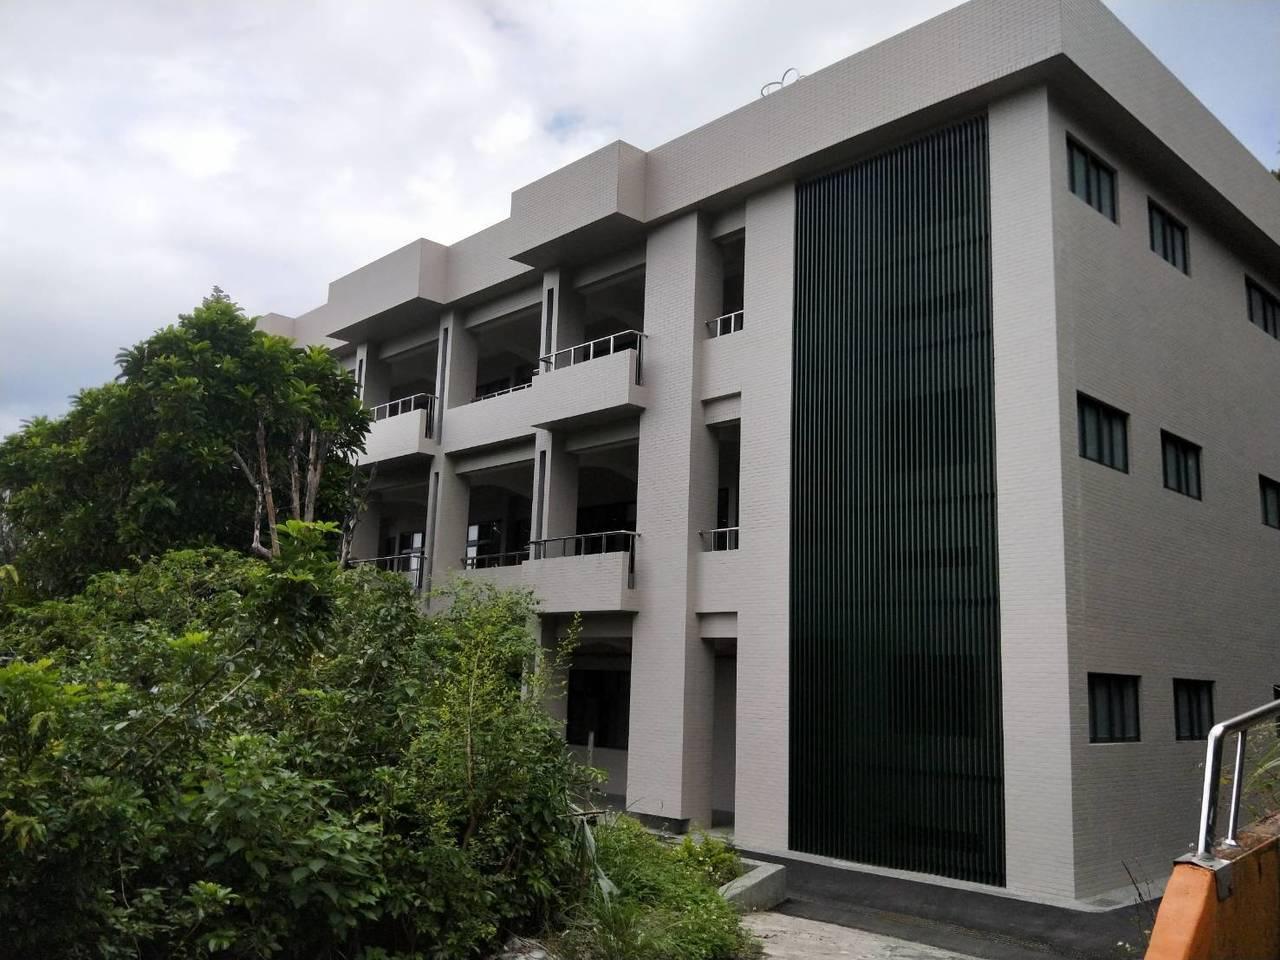 基隆中正國中3期校舍1億改建今落成啟用, 山林圍繞美麗校園。記者游明煌/攝影